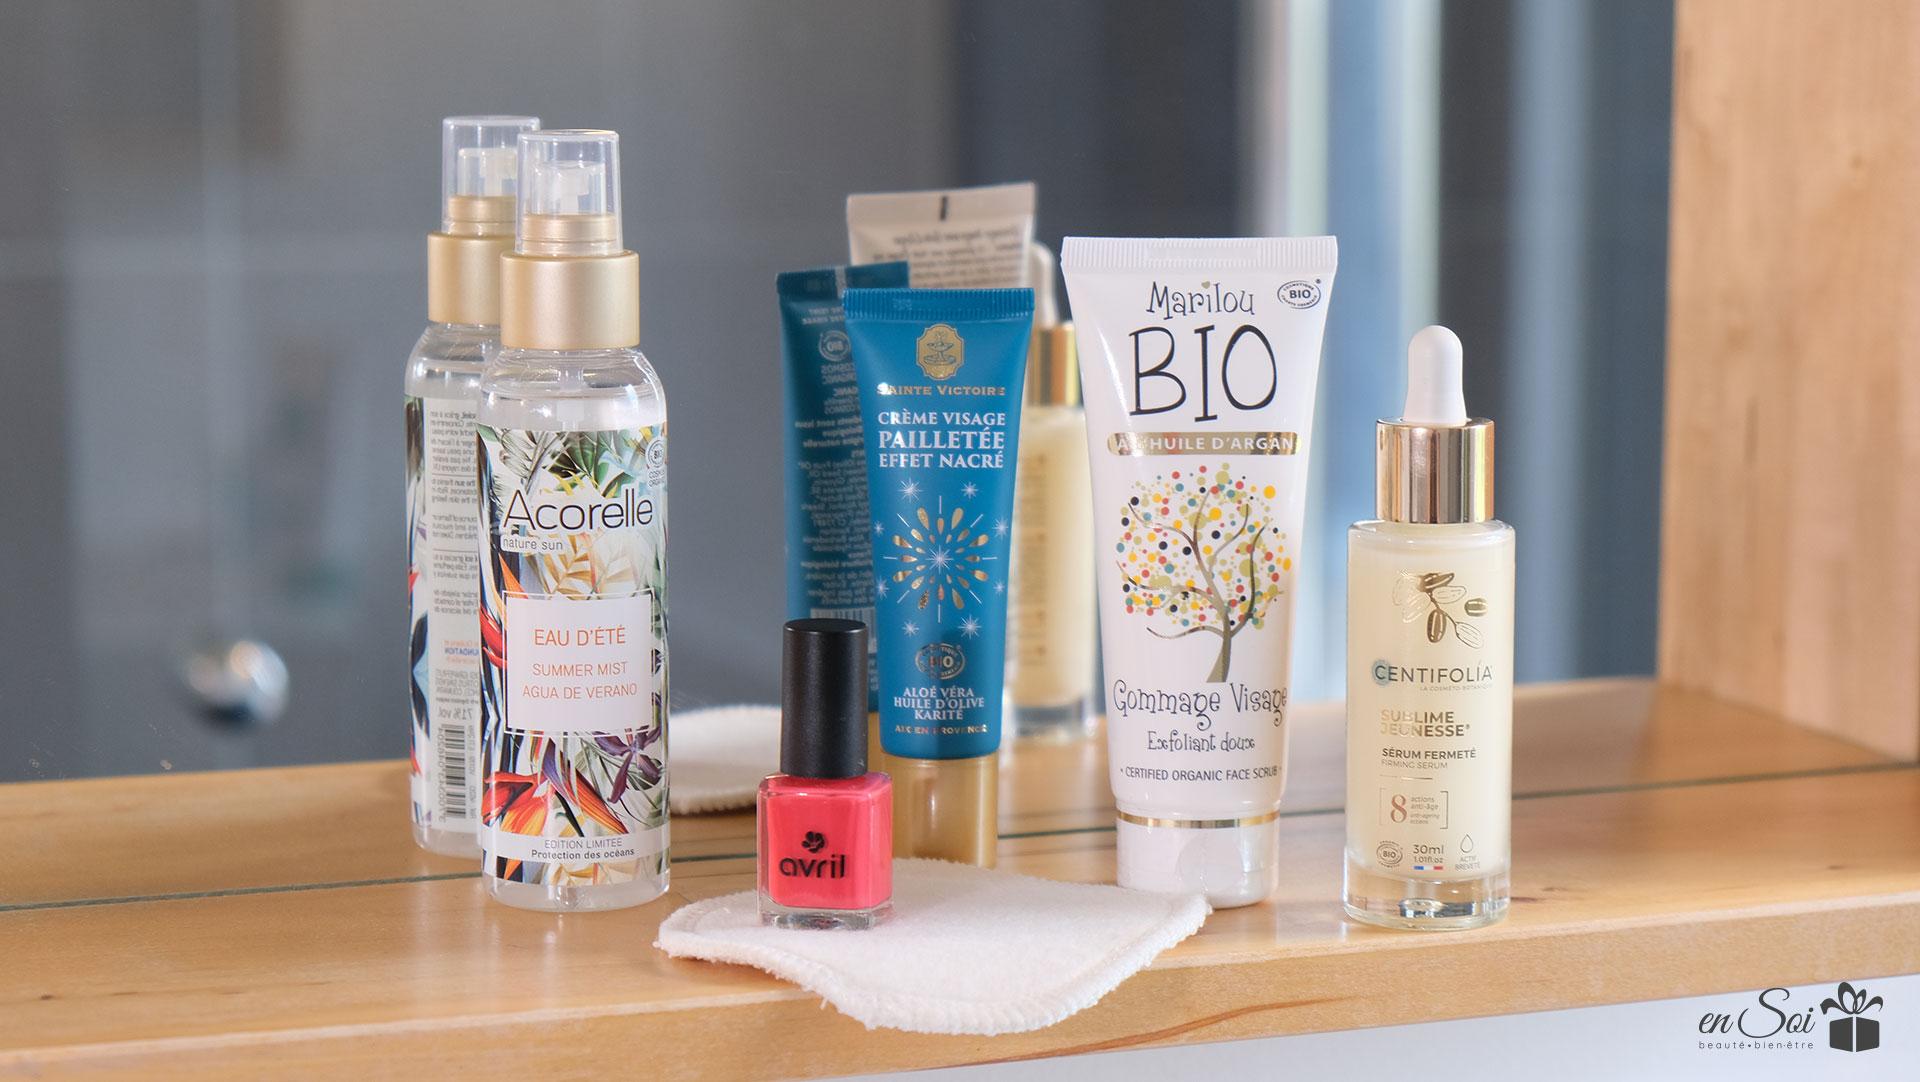 Coffret de produits de beauté visage bio